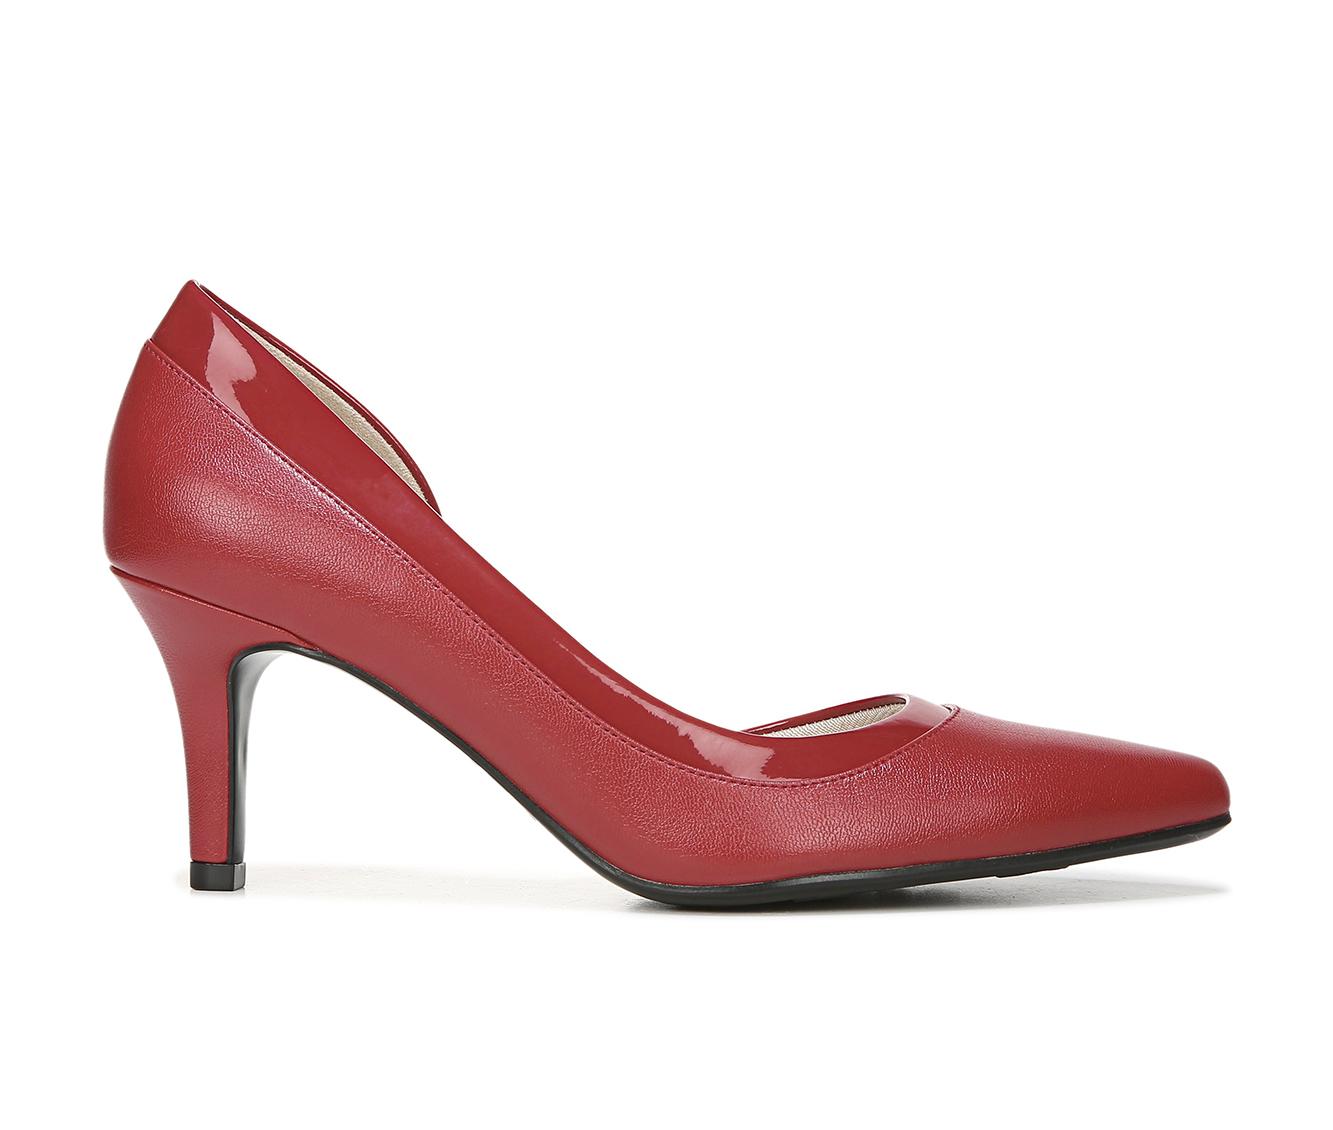 LifeStride Swann Women's Dress Shoe (Red Faux Leather)